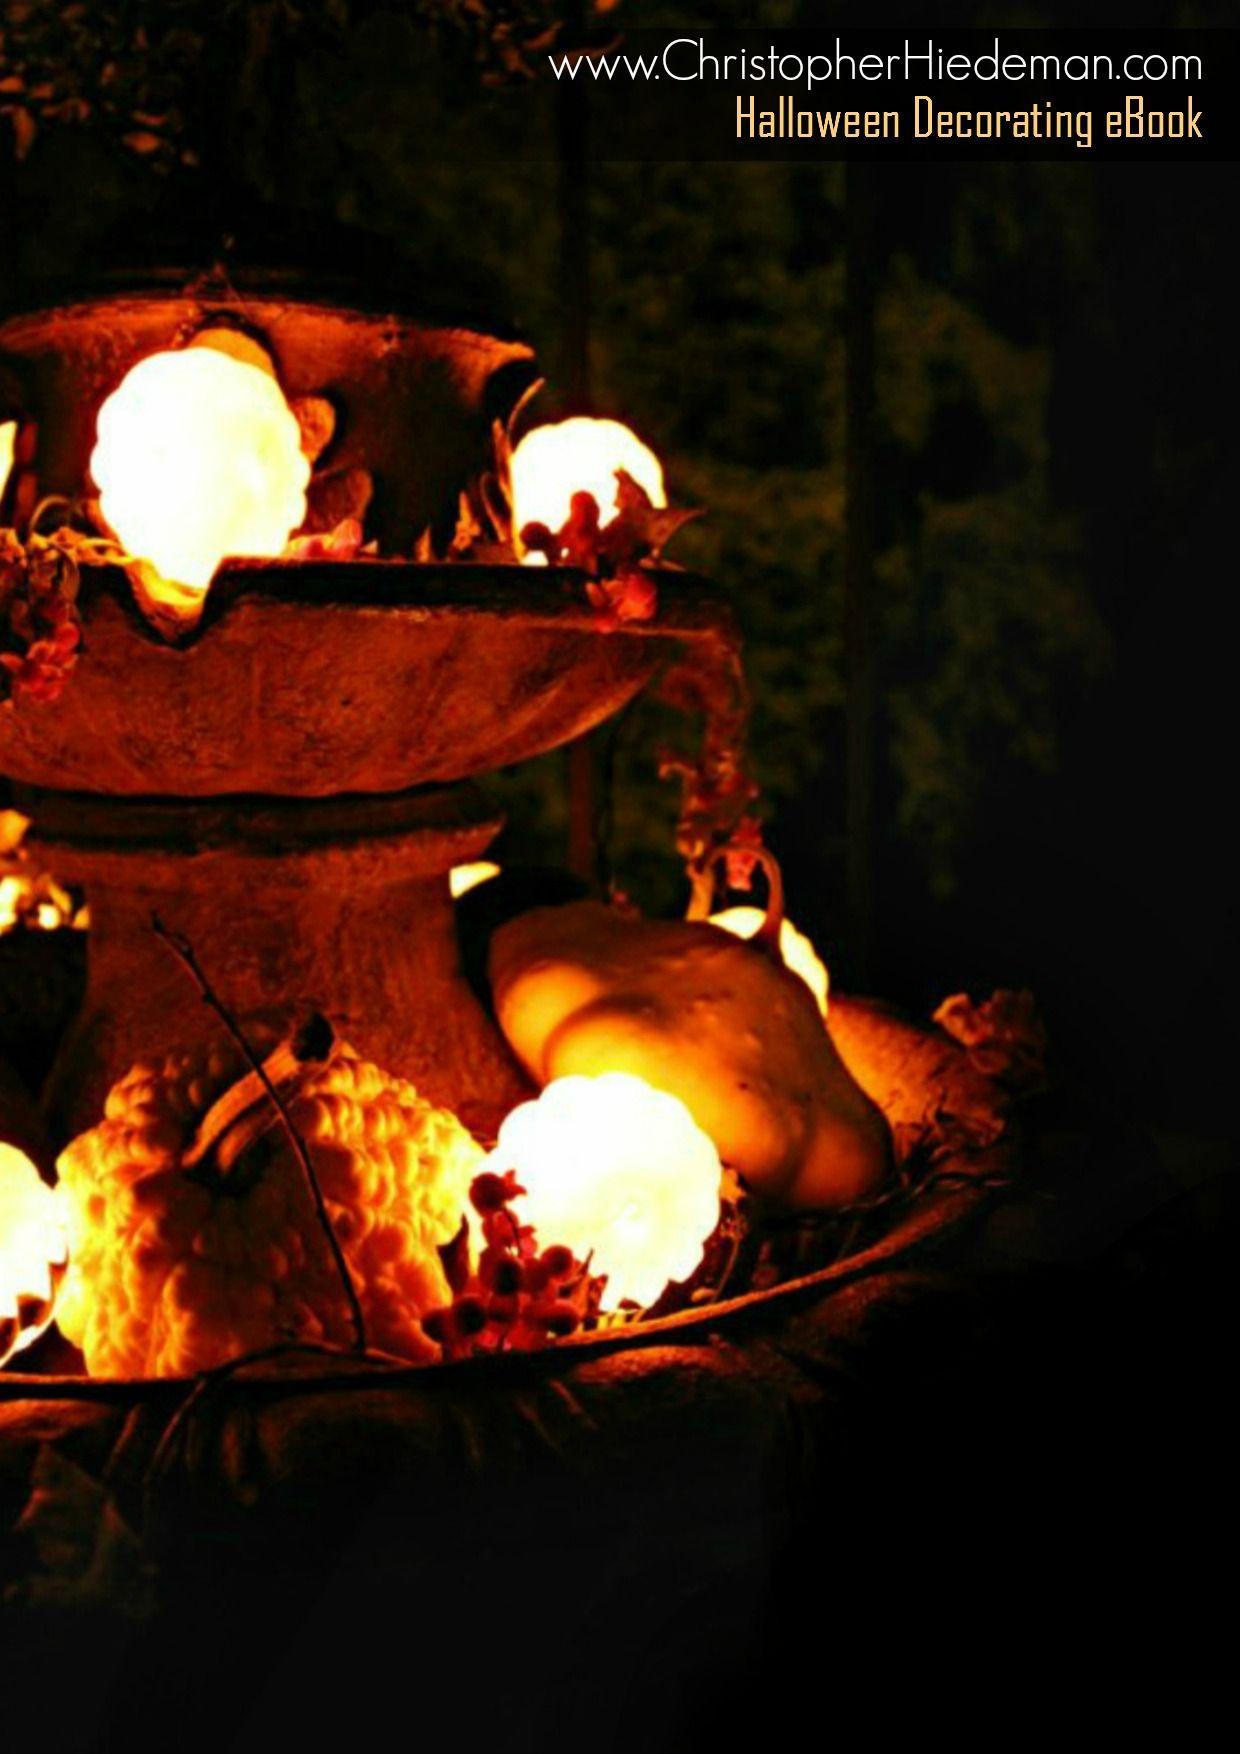 Autumn Fountain #pumpkins #gourds #fall #thanksgiving www.ChristopherHiedeman.com